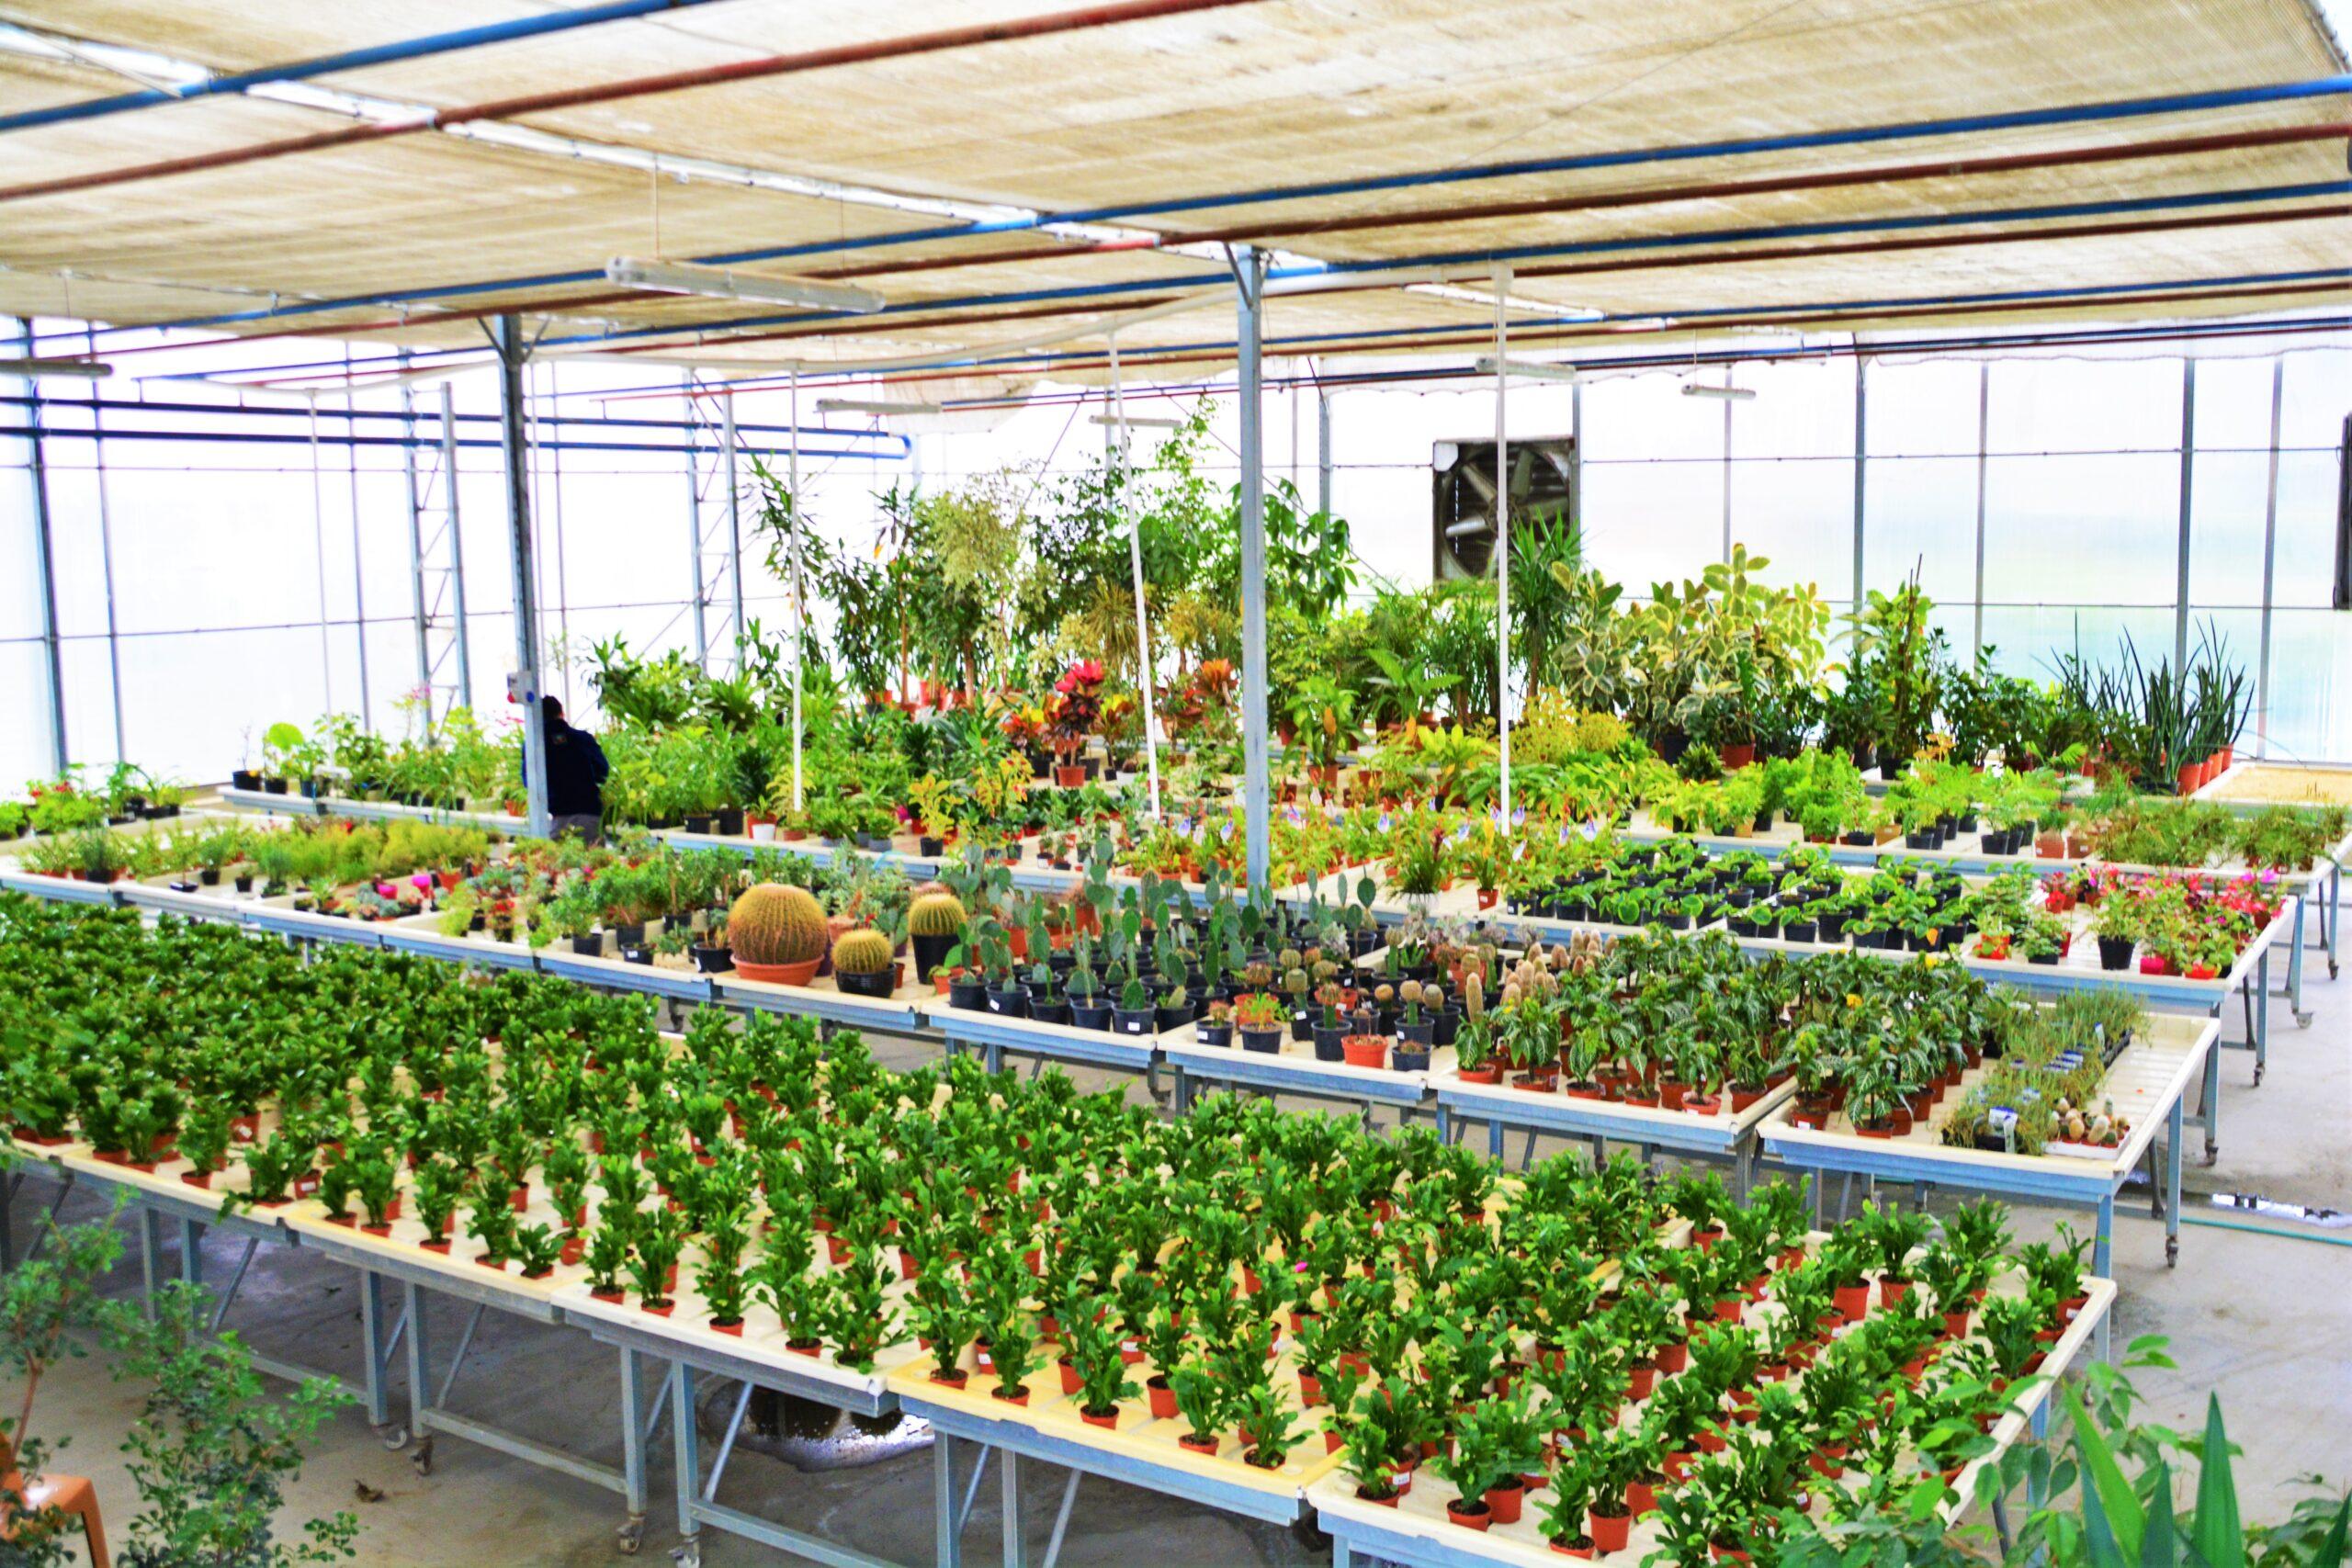 İstanbul Süs Bitkileri Araştırma ve Deneme Merkezi